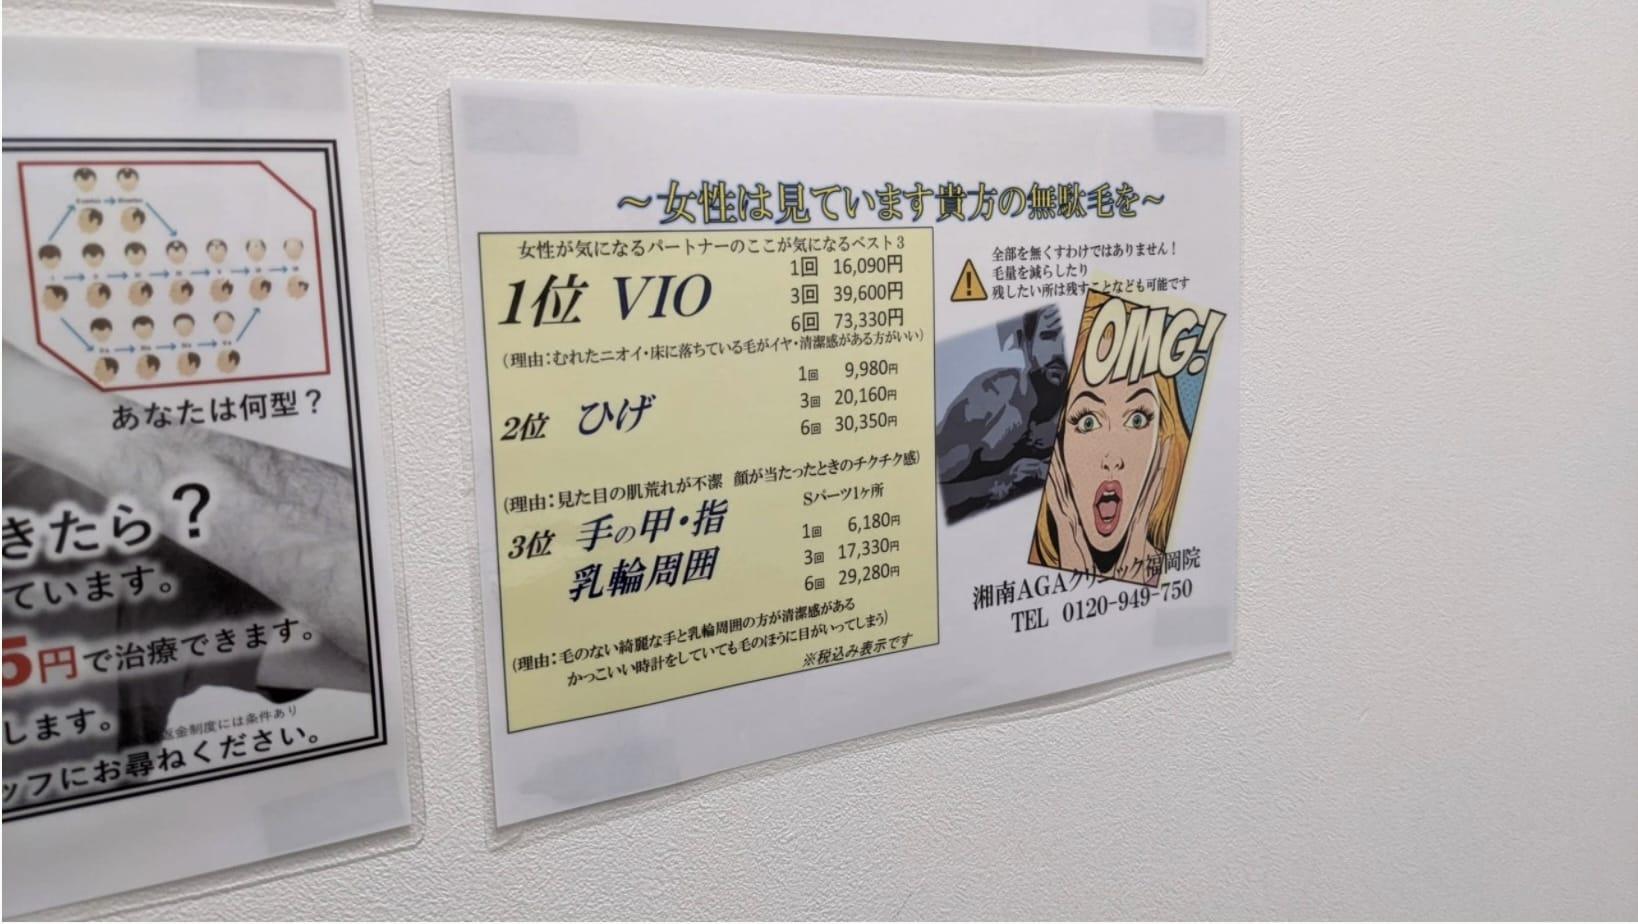 湘南美容AGAクリニック福岡院カウンセリングルーム内の張り紙